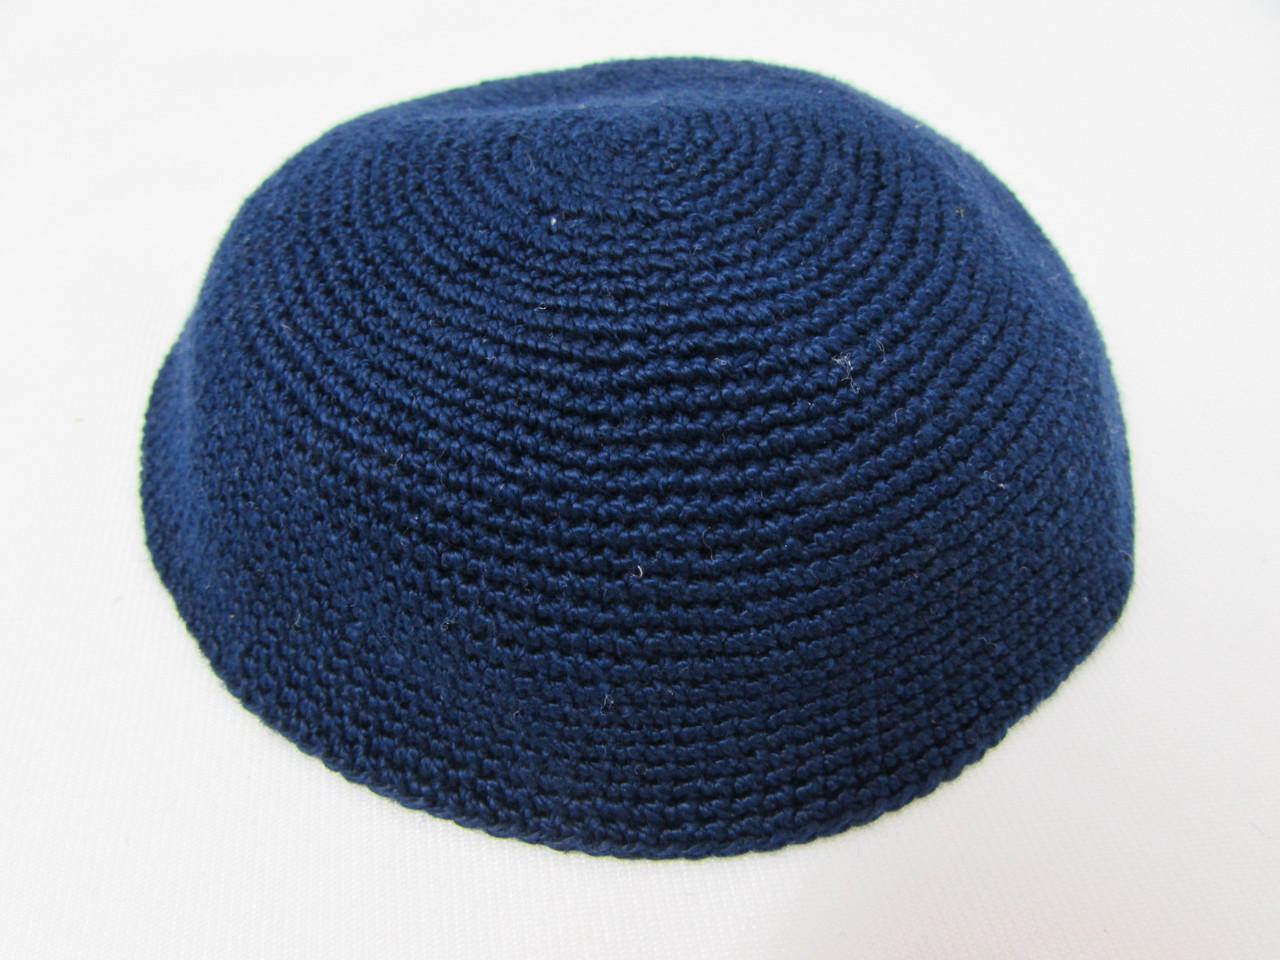 Navy Blue DMC Knitted Kippah